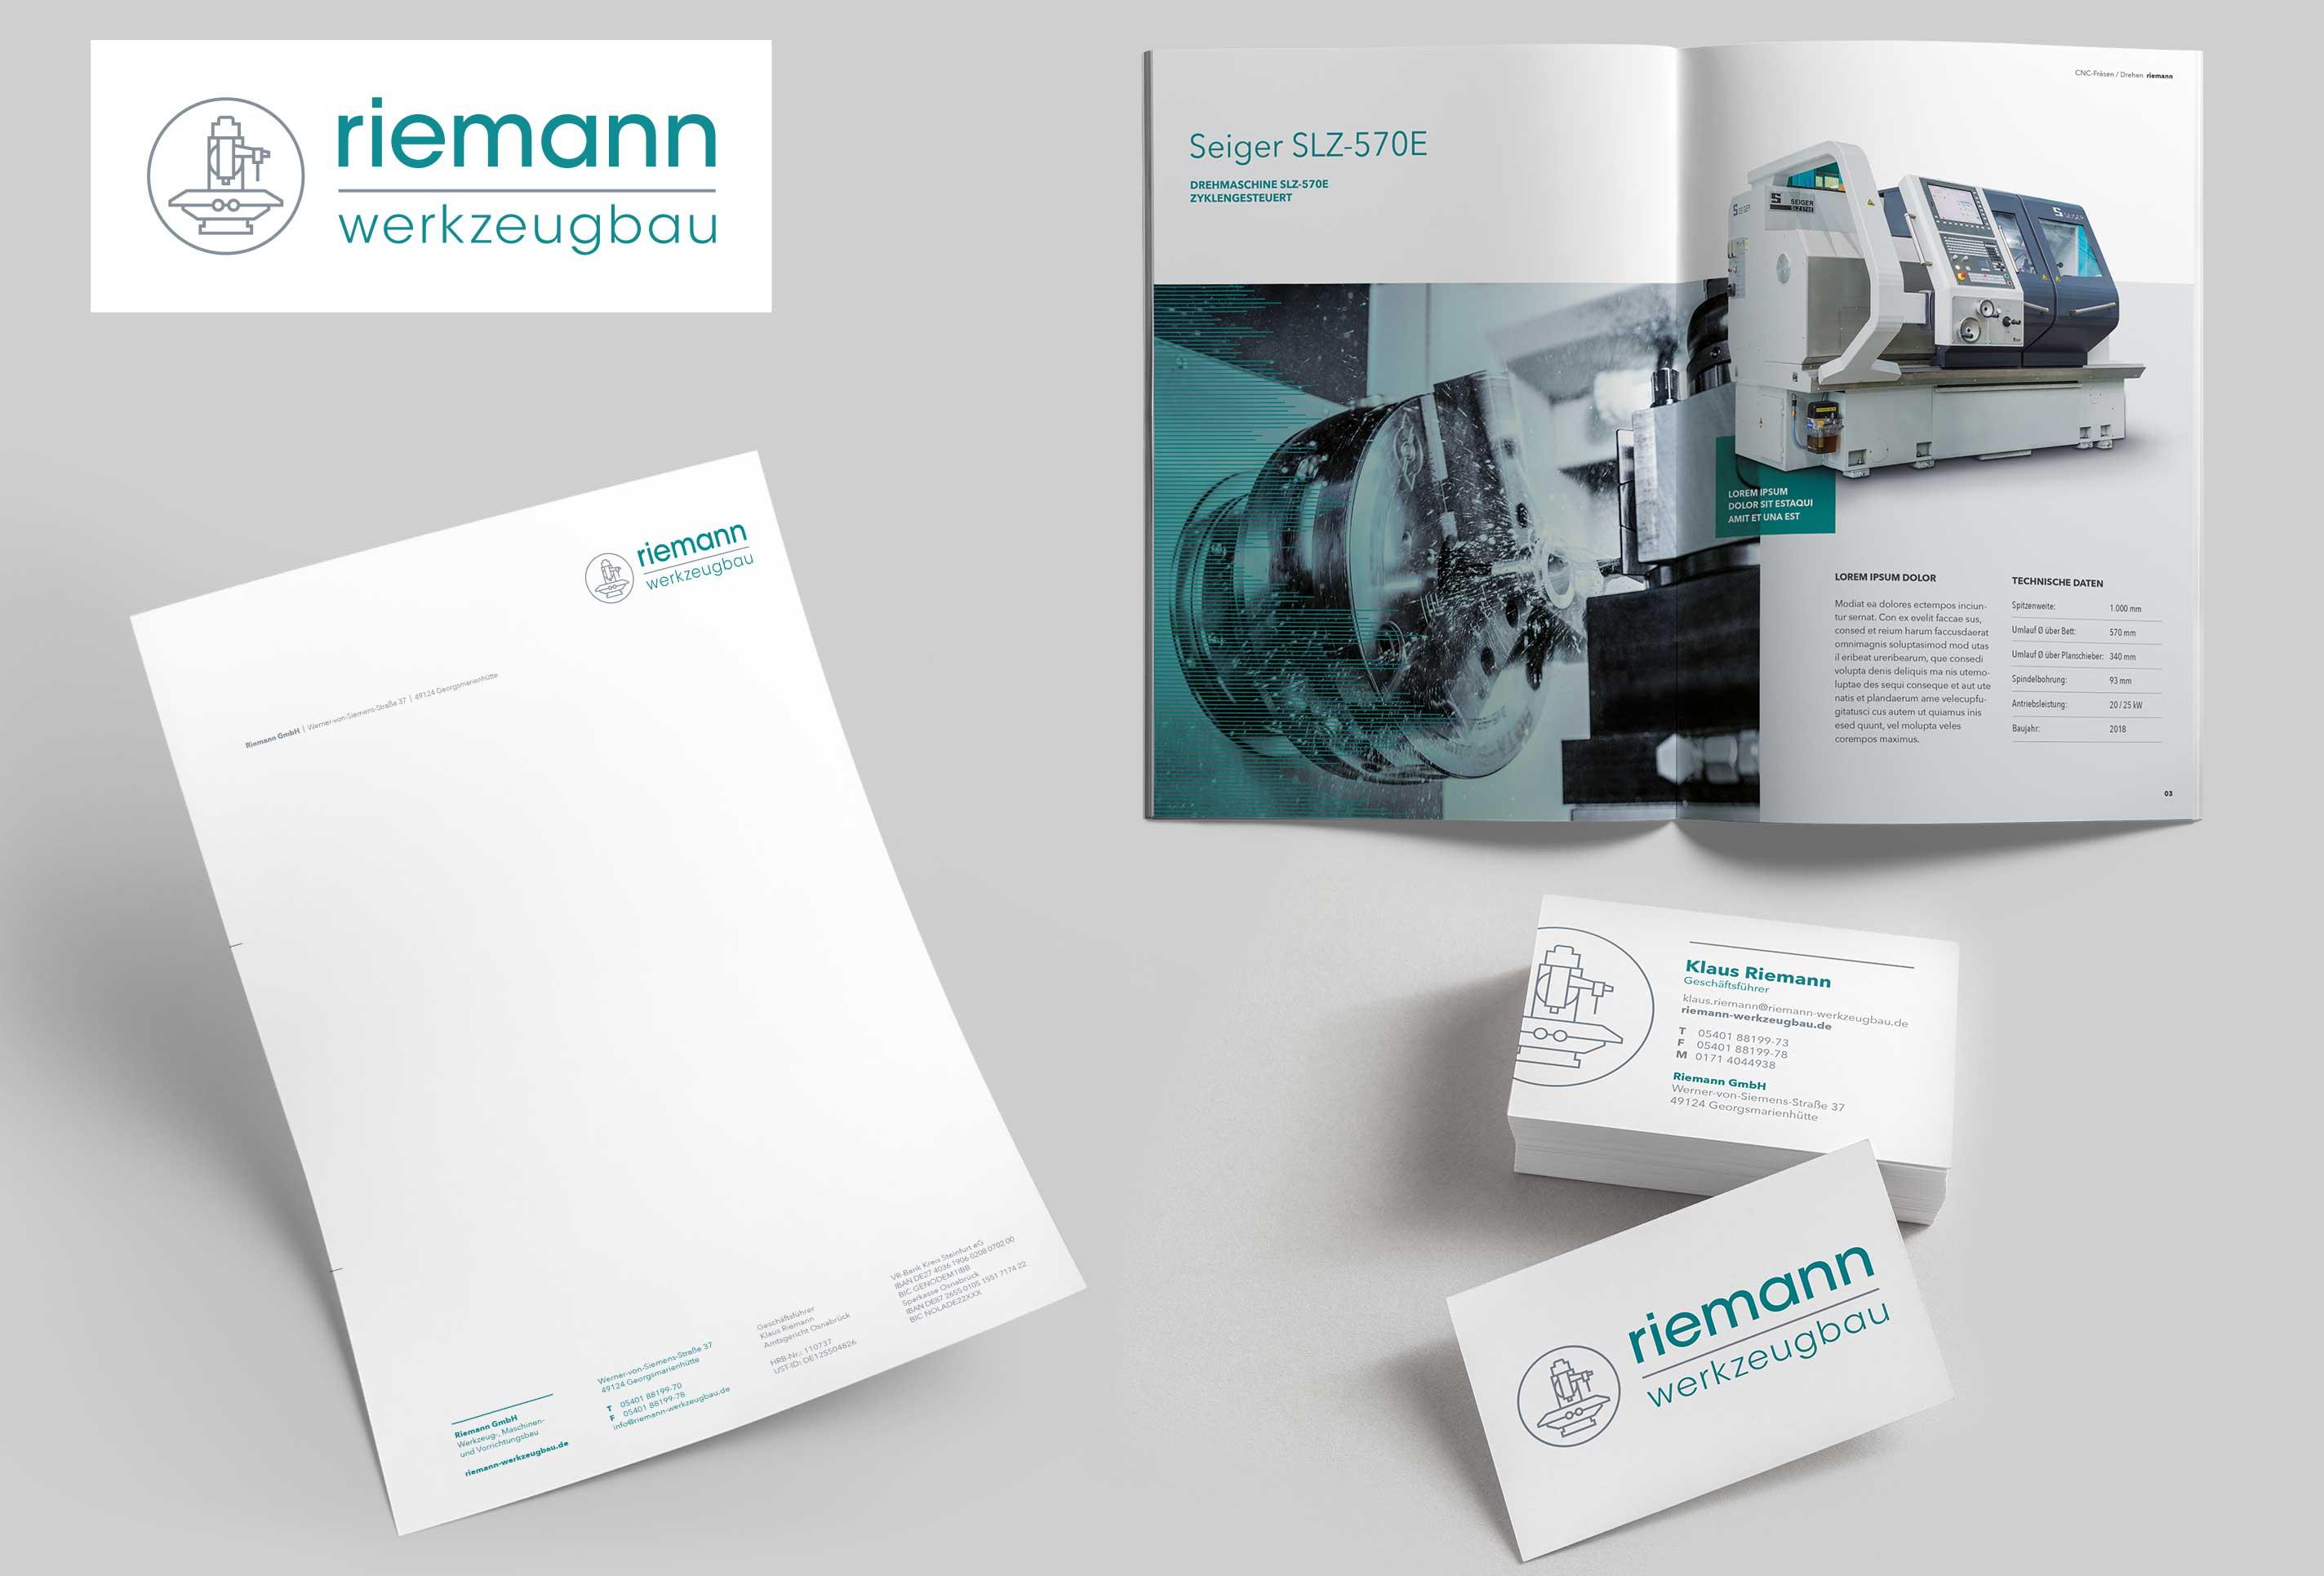 riemann-werkzeugbau-mockup